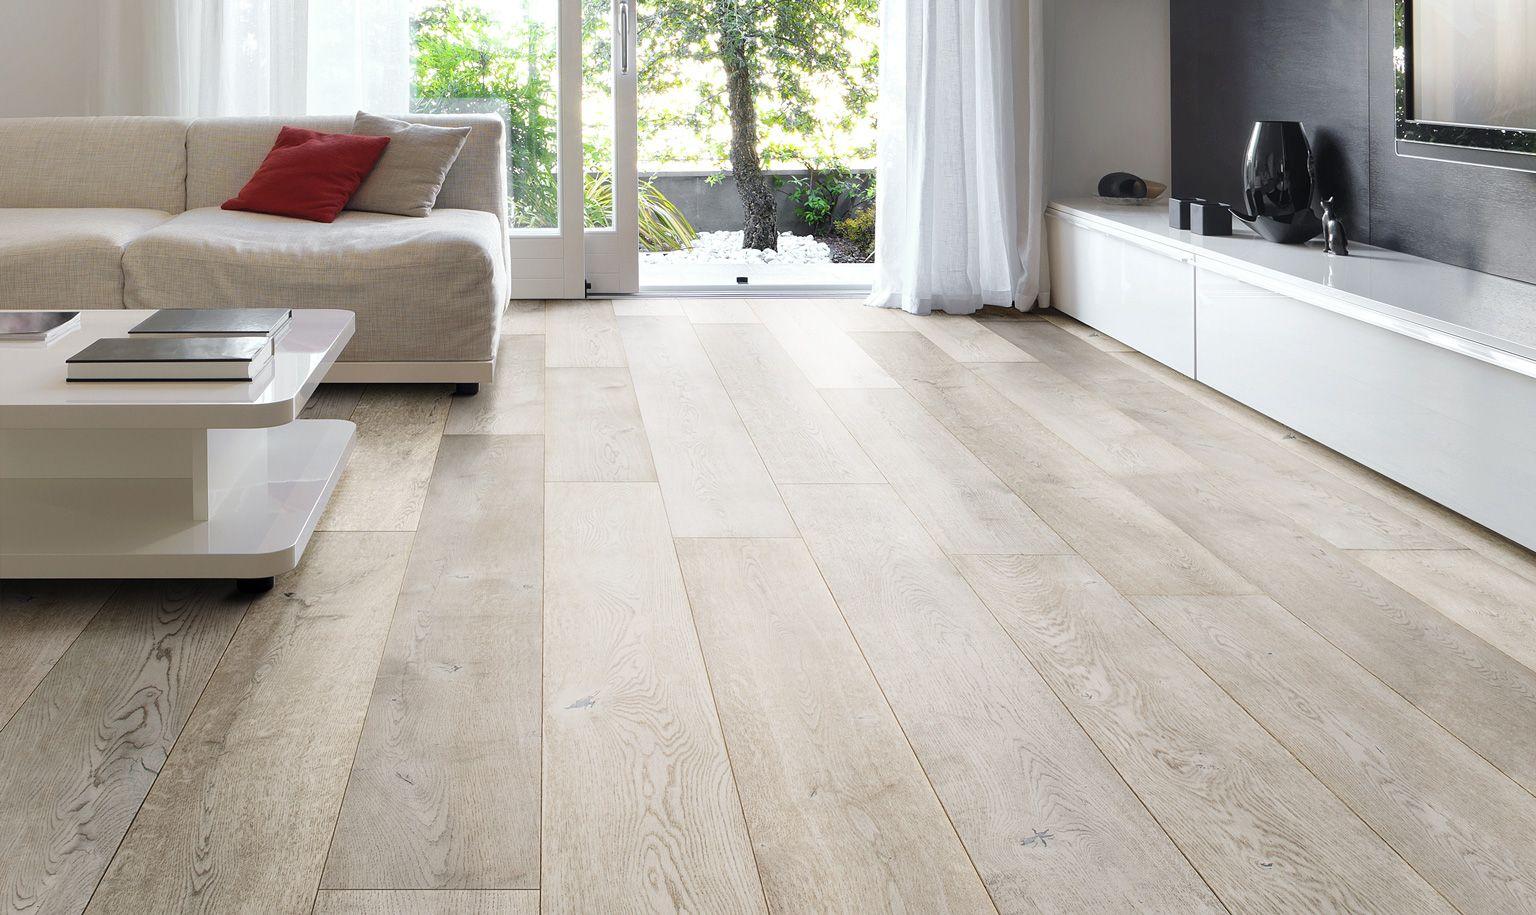 Naples European Oak Engineered Hardwood Floors